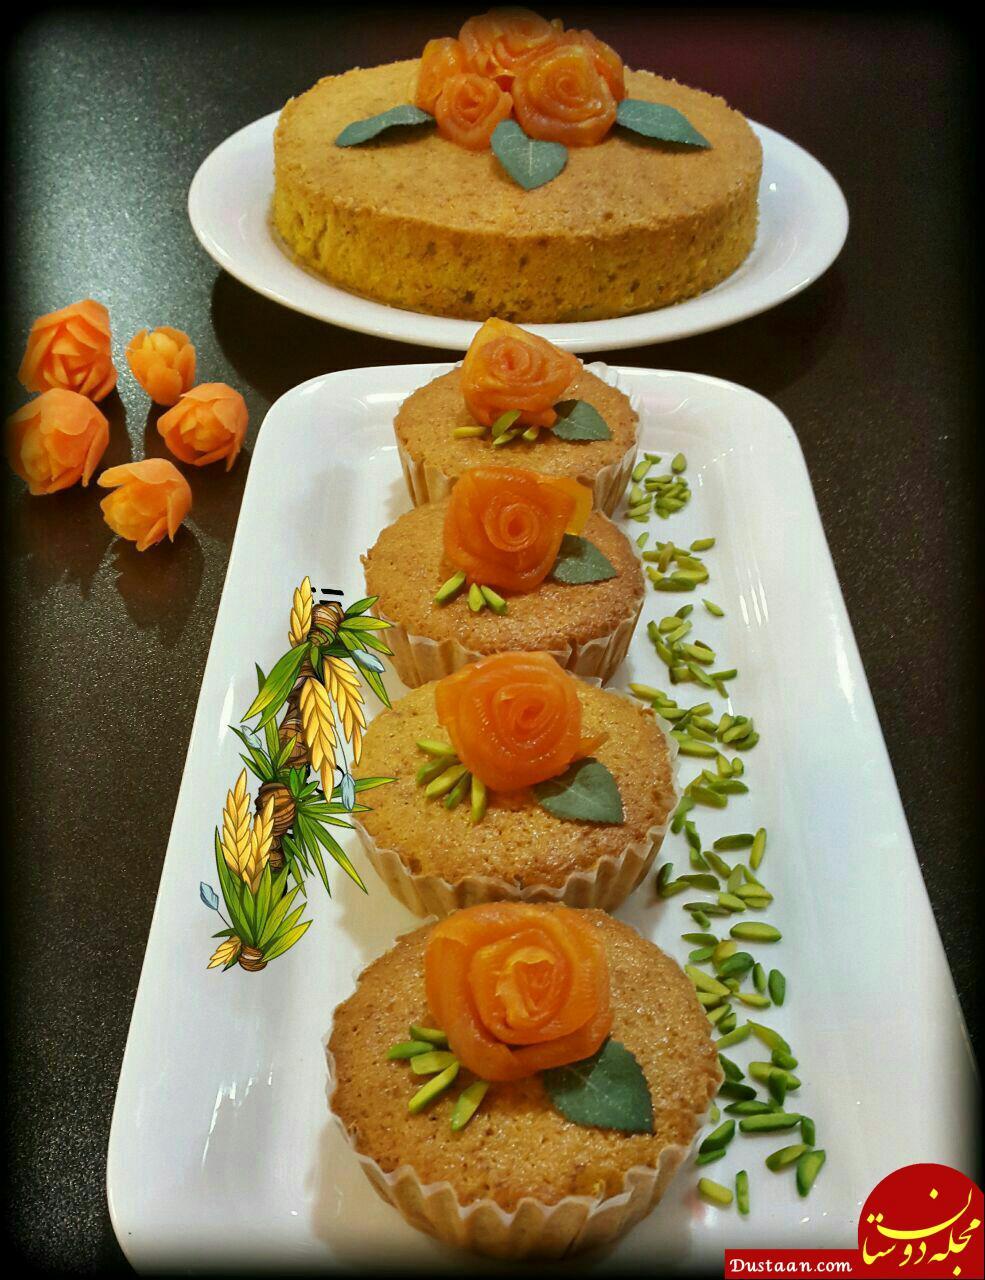 طرز تهیه کیک هویج و گردو / کیکی متفاوت و خوشمزه!